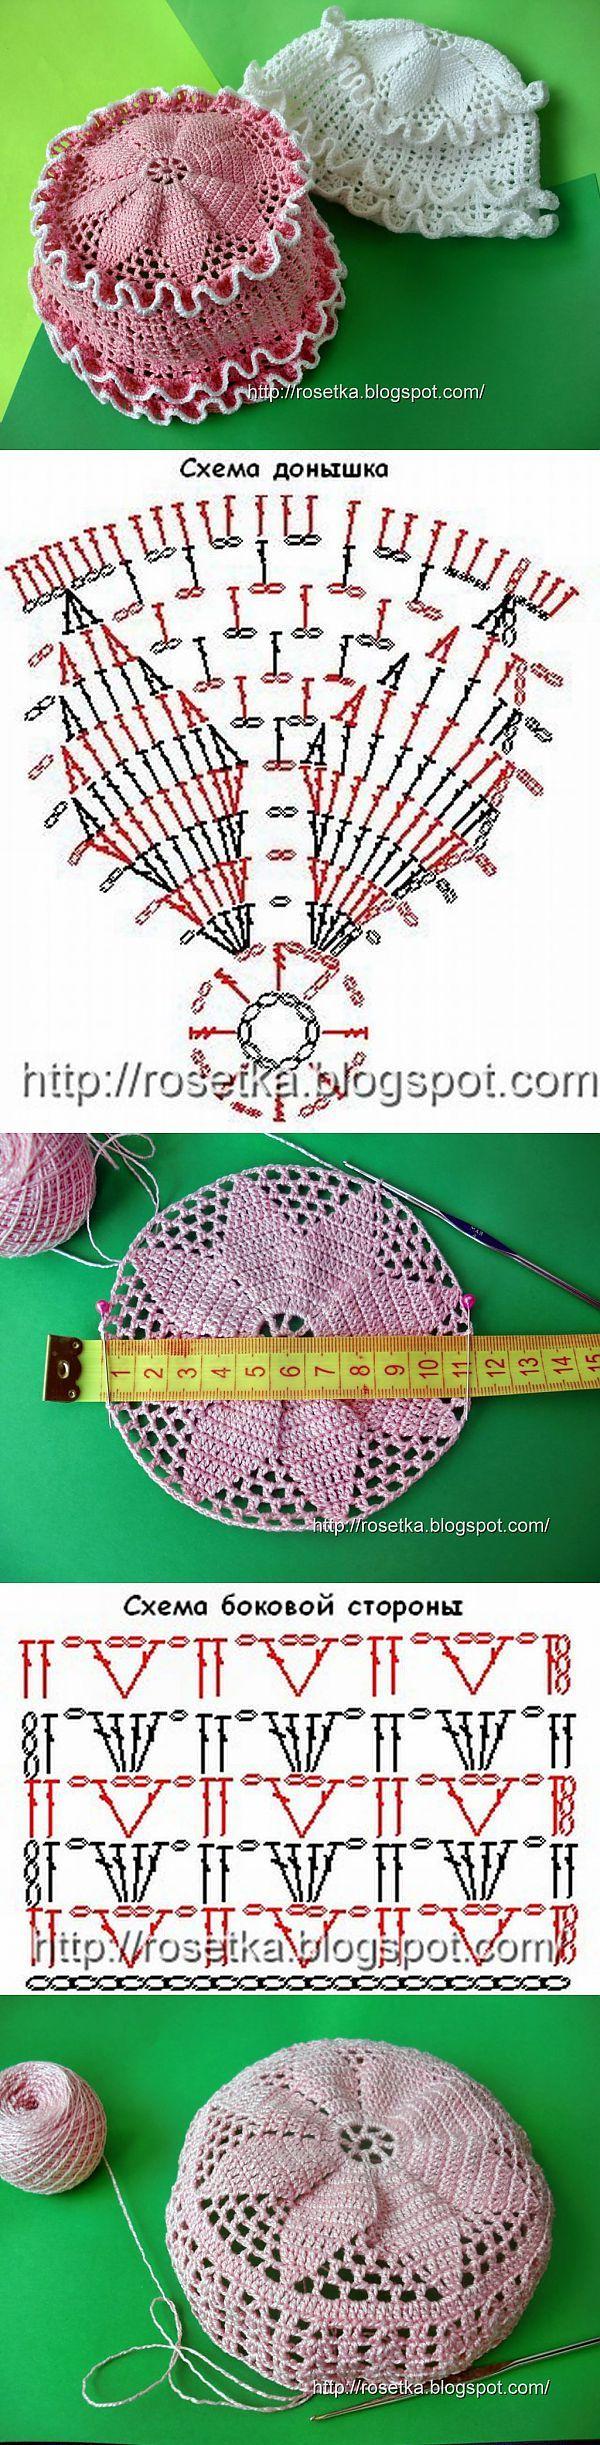 Схемы вязания крючком панамок для девочек на лето фото